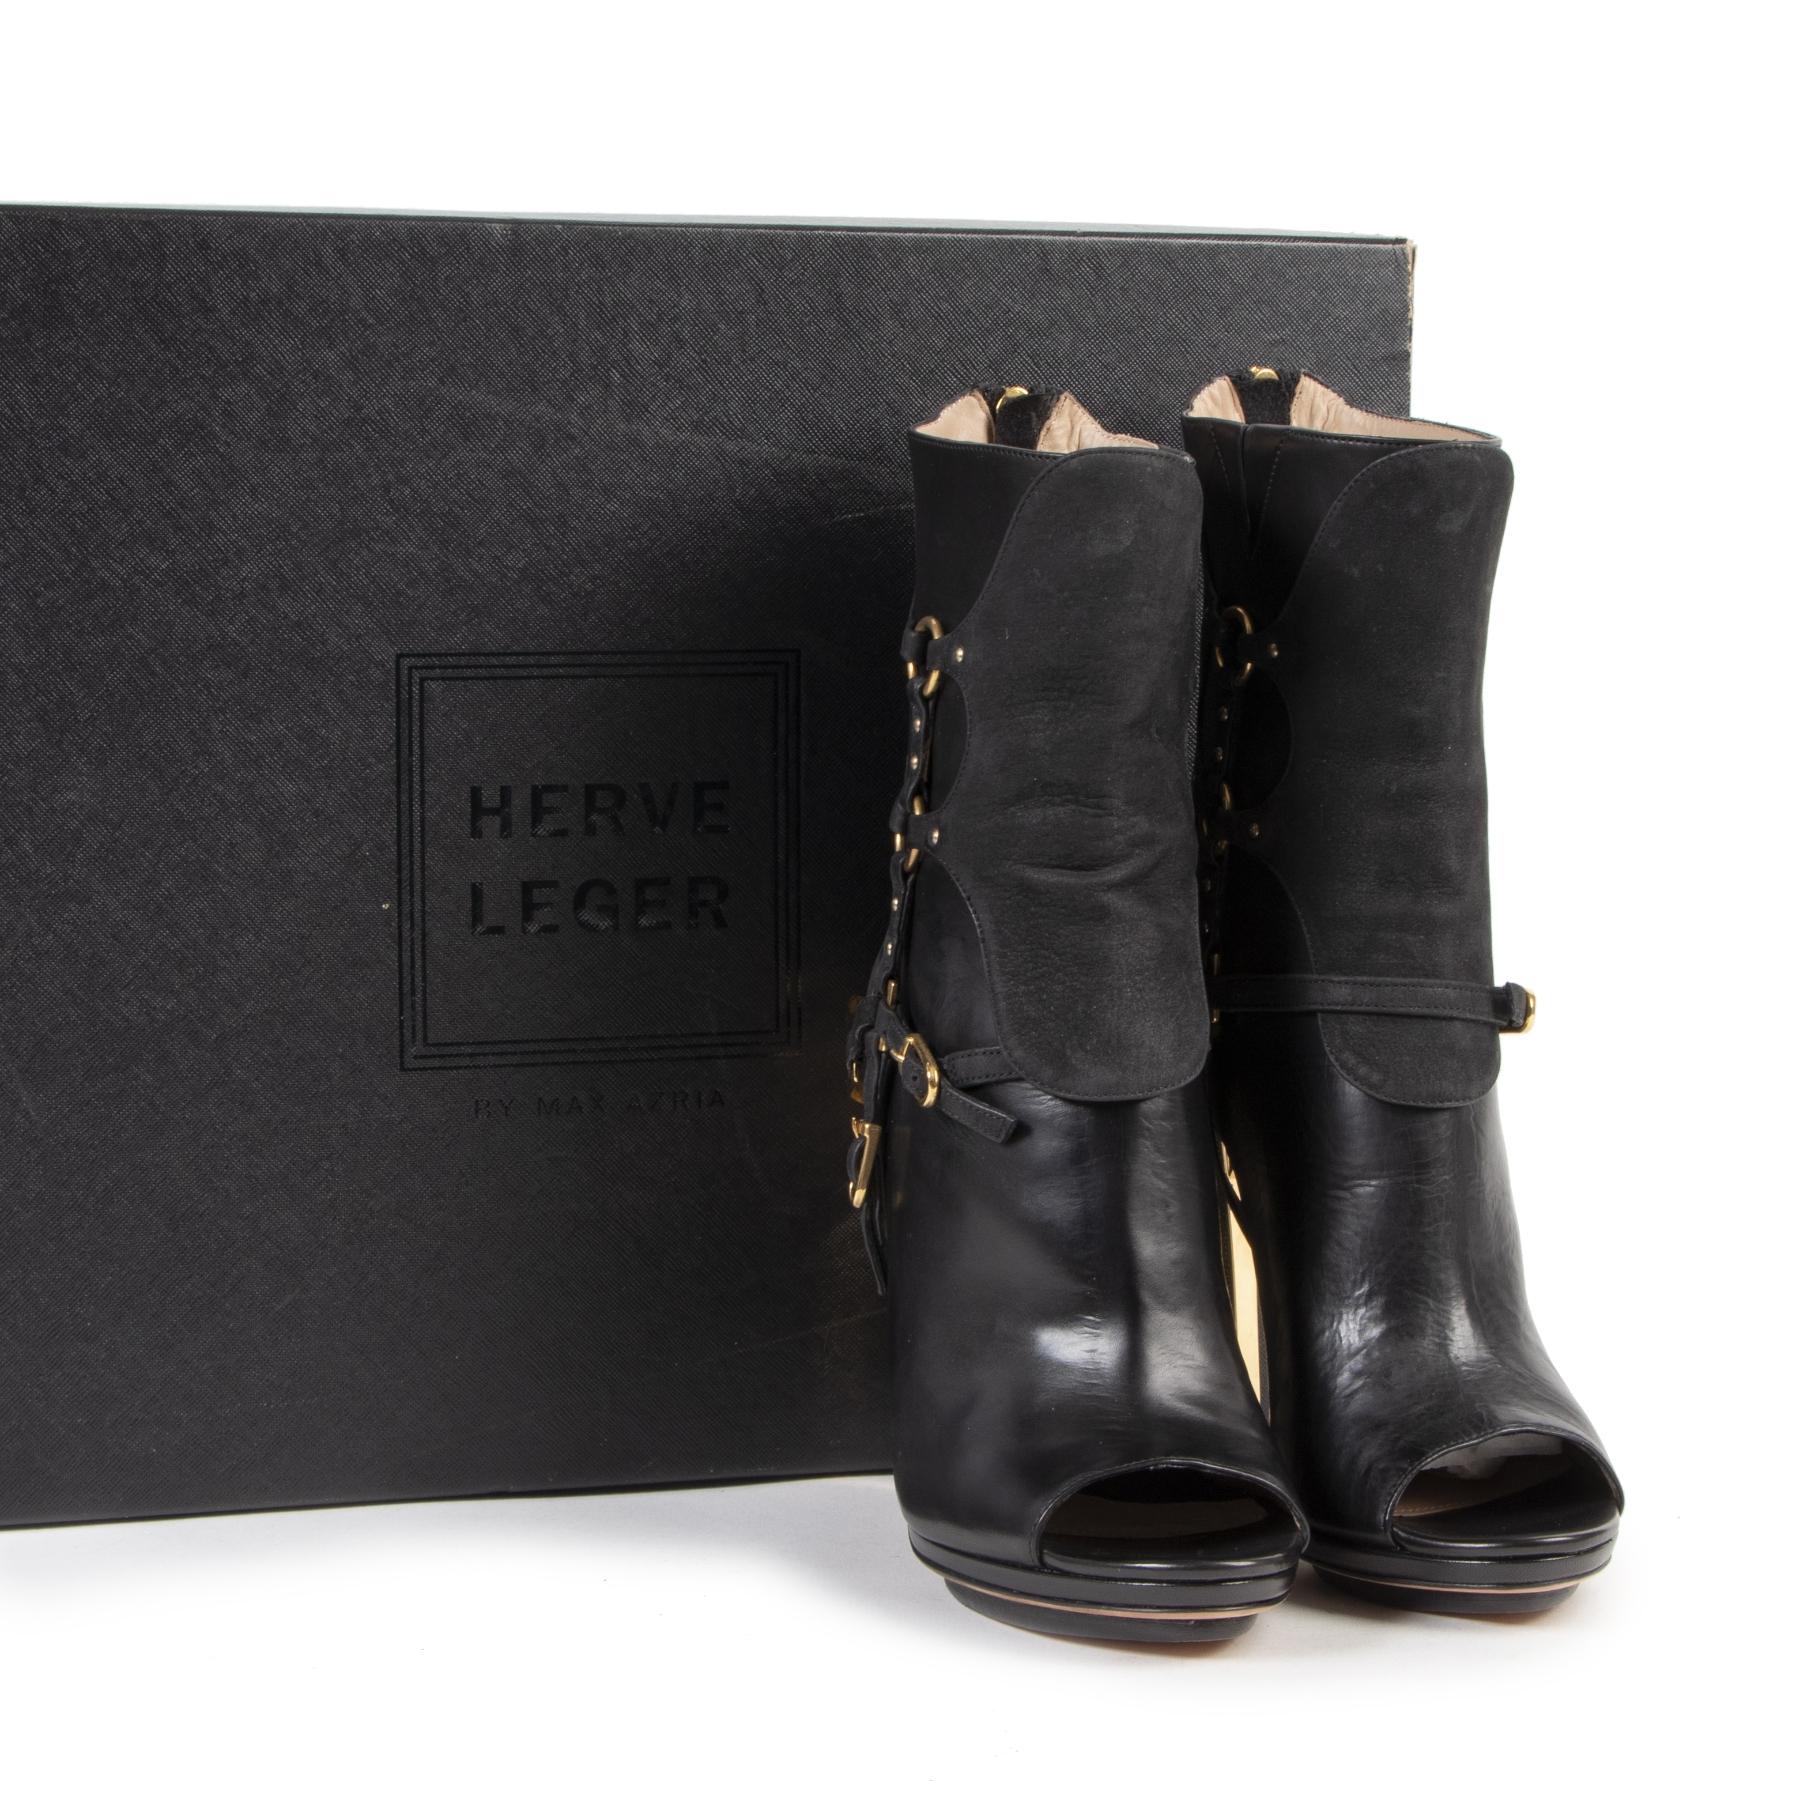 Herve Leger Black Alyn Day Boots pour le meilleur prix chez Labellov à Anvers